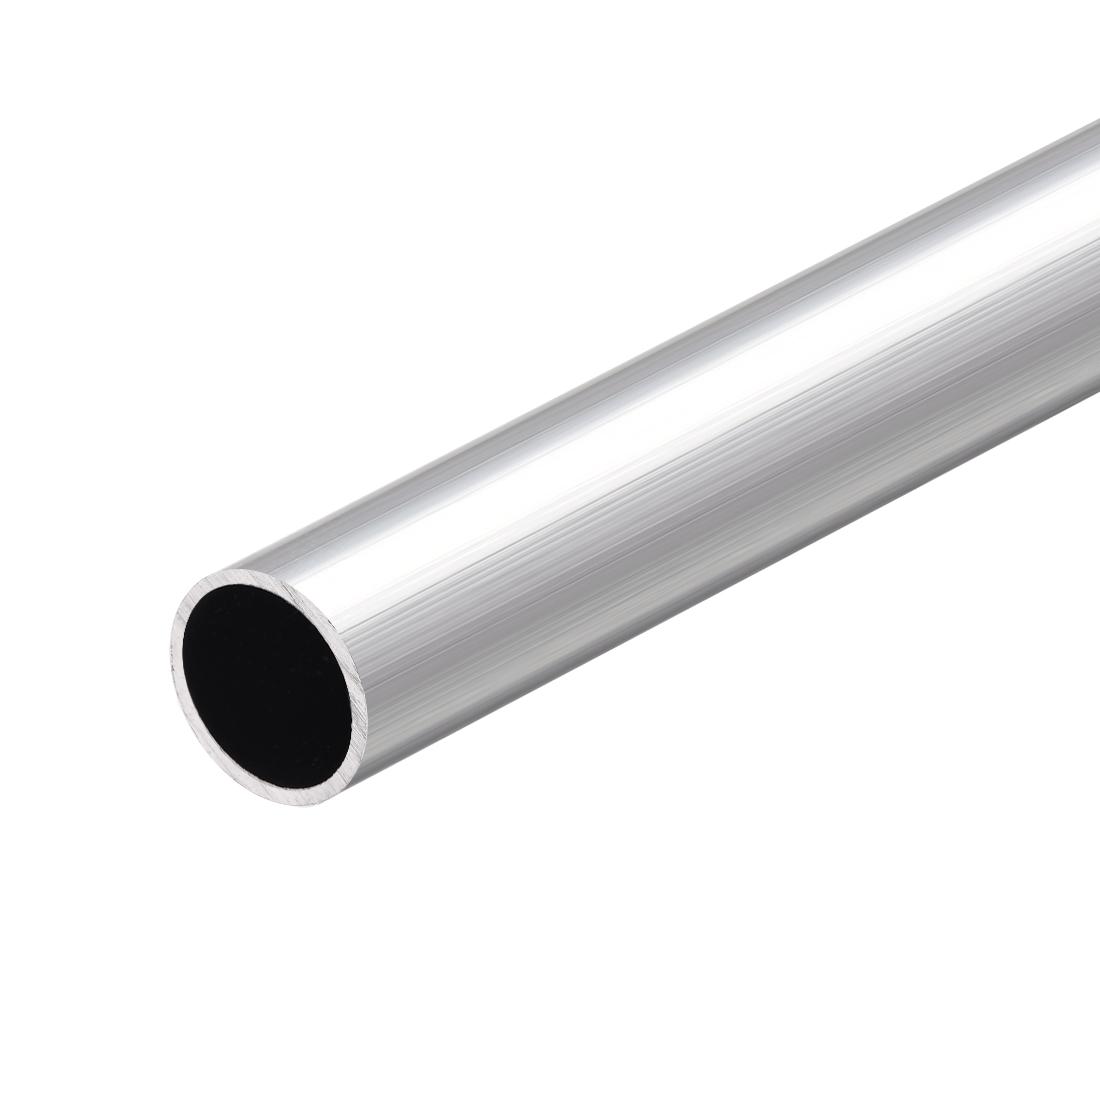 6063 Aluminum Round Tube 300mm Length 20mm OD 17mm Inner Dia Seamless Tubing